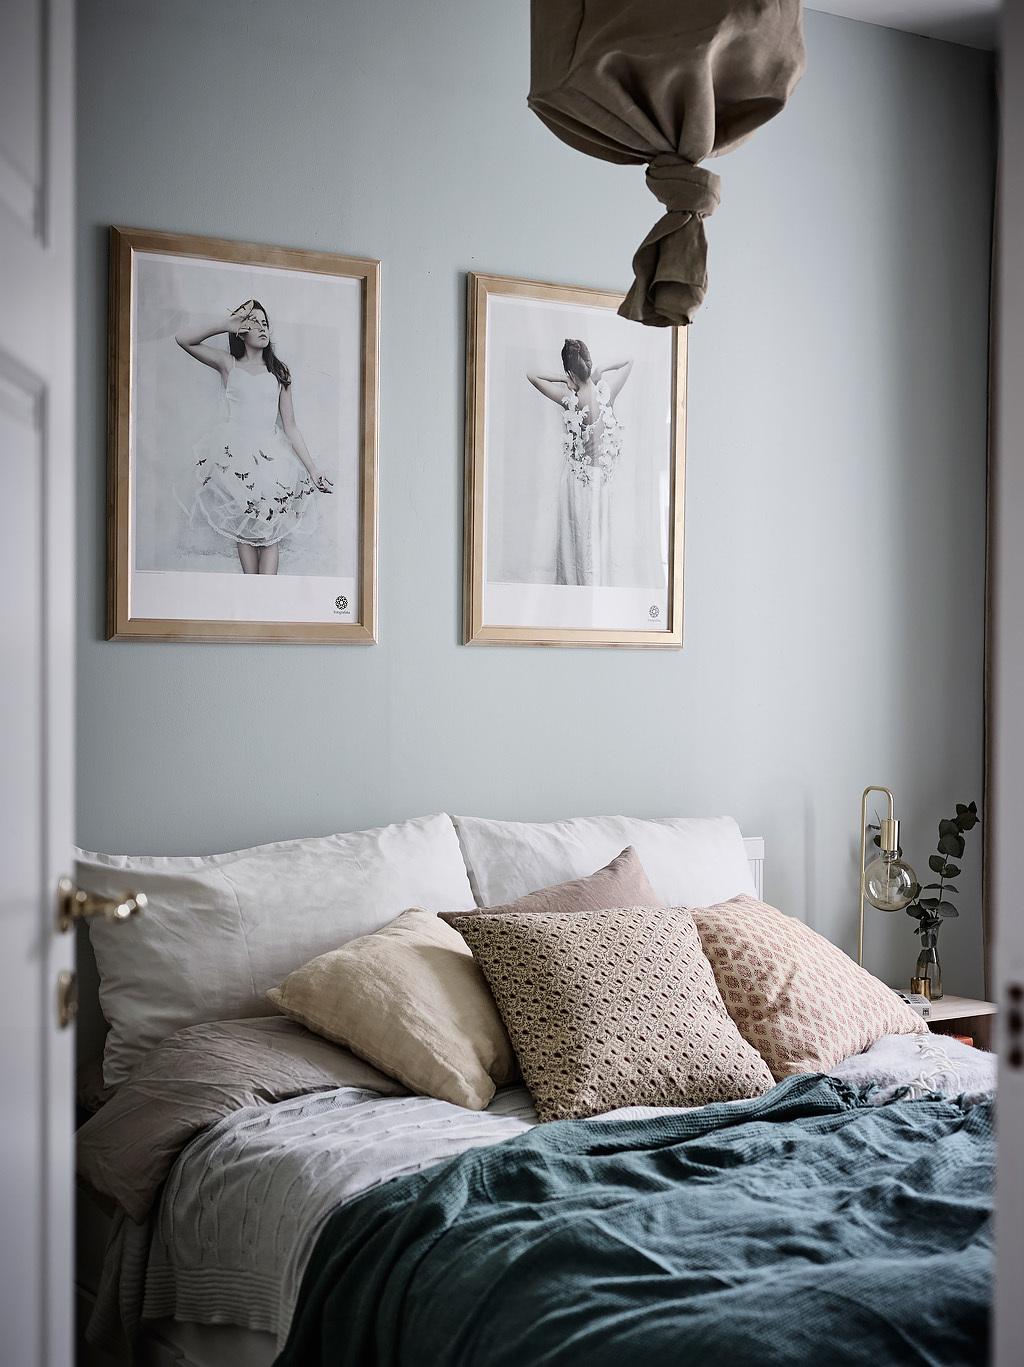 Deze slaapkamer heeft een stijlvol zacht kleurenpalet gekregen